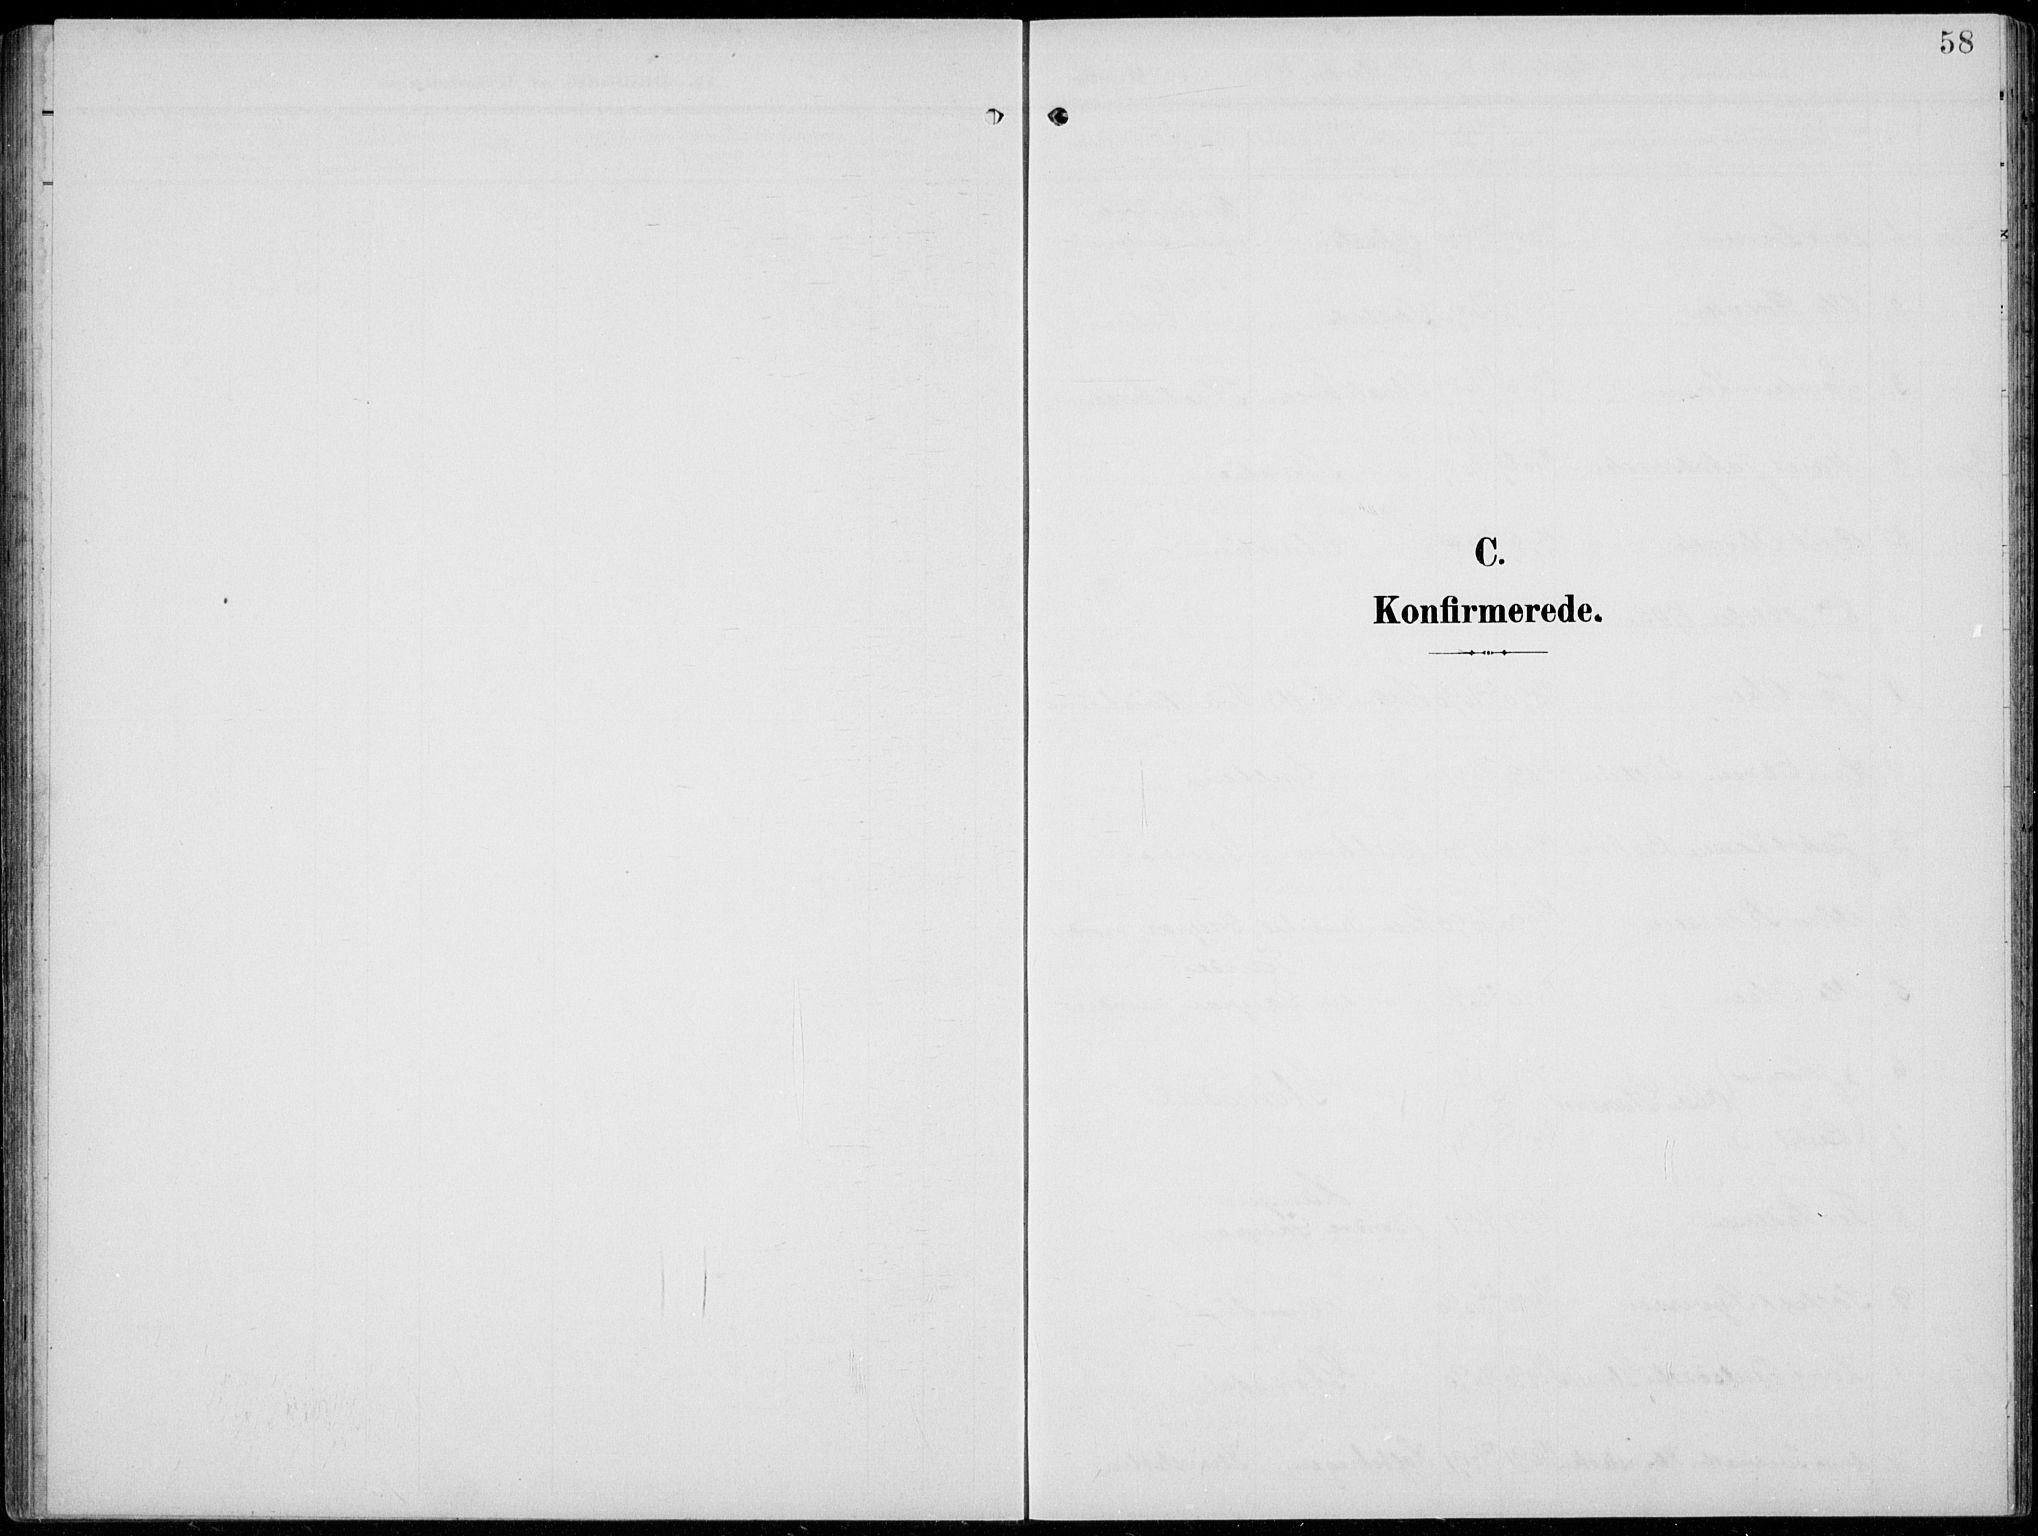 SAH, Lom prestekontor, L/L0007: Klokkerbok nr. 7, 1904-1938, s. 58